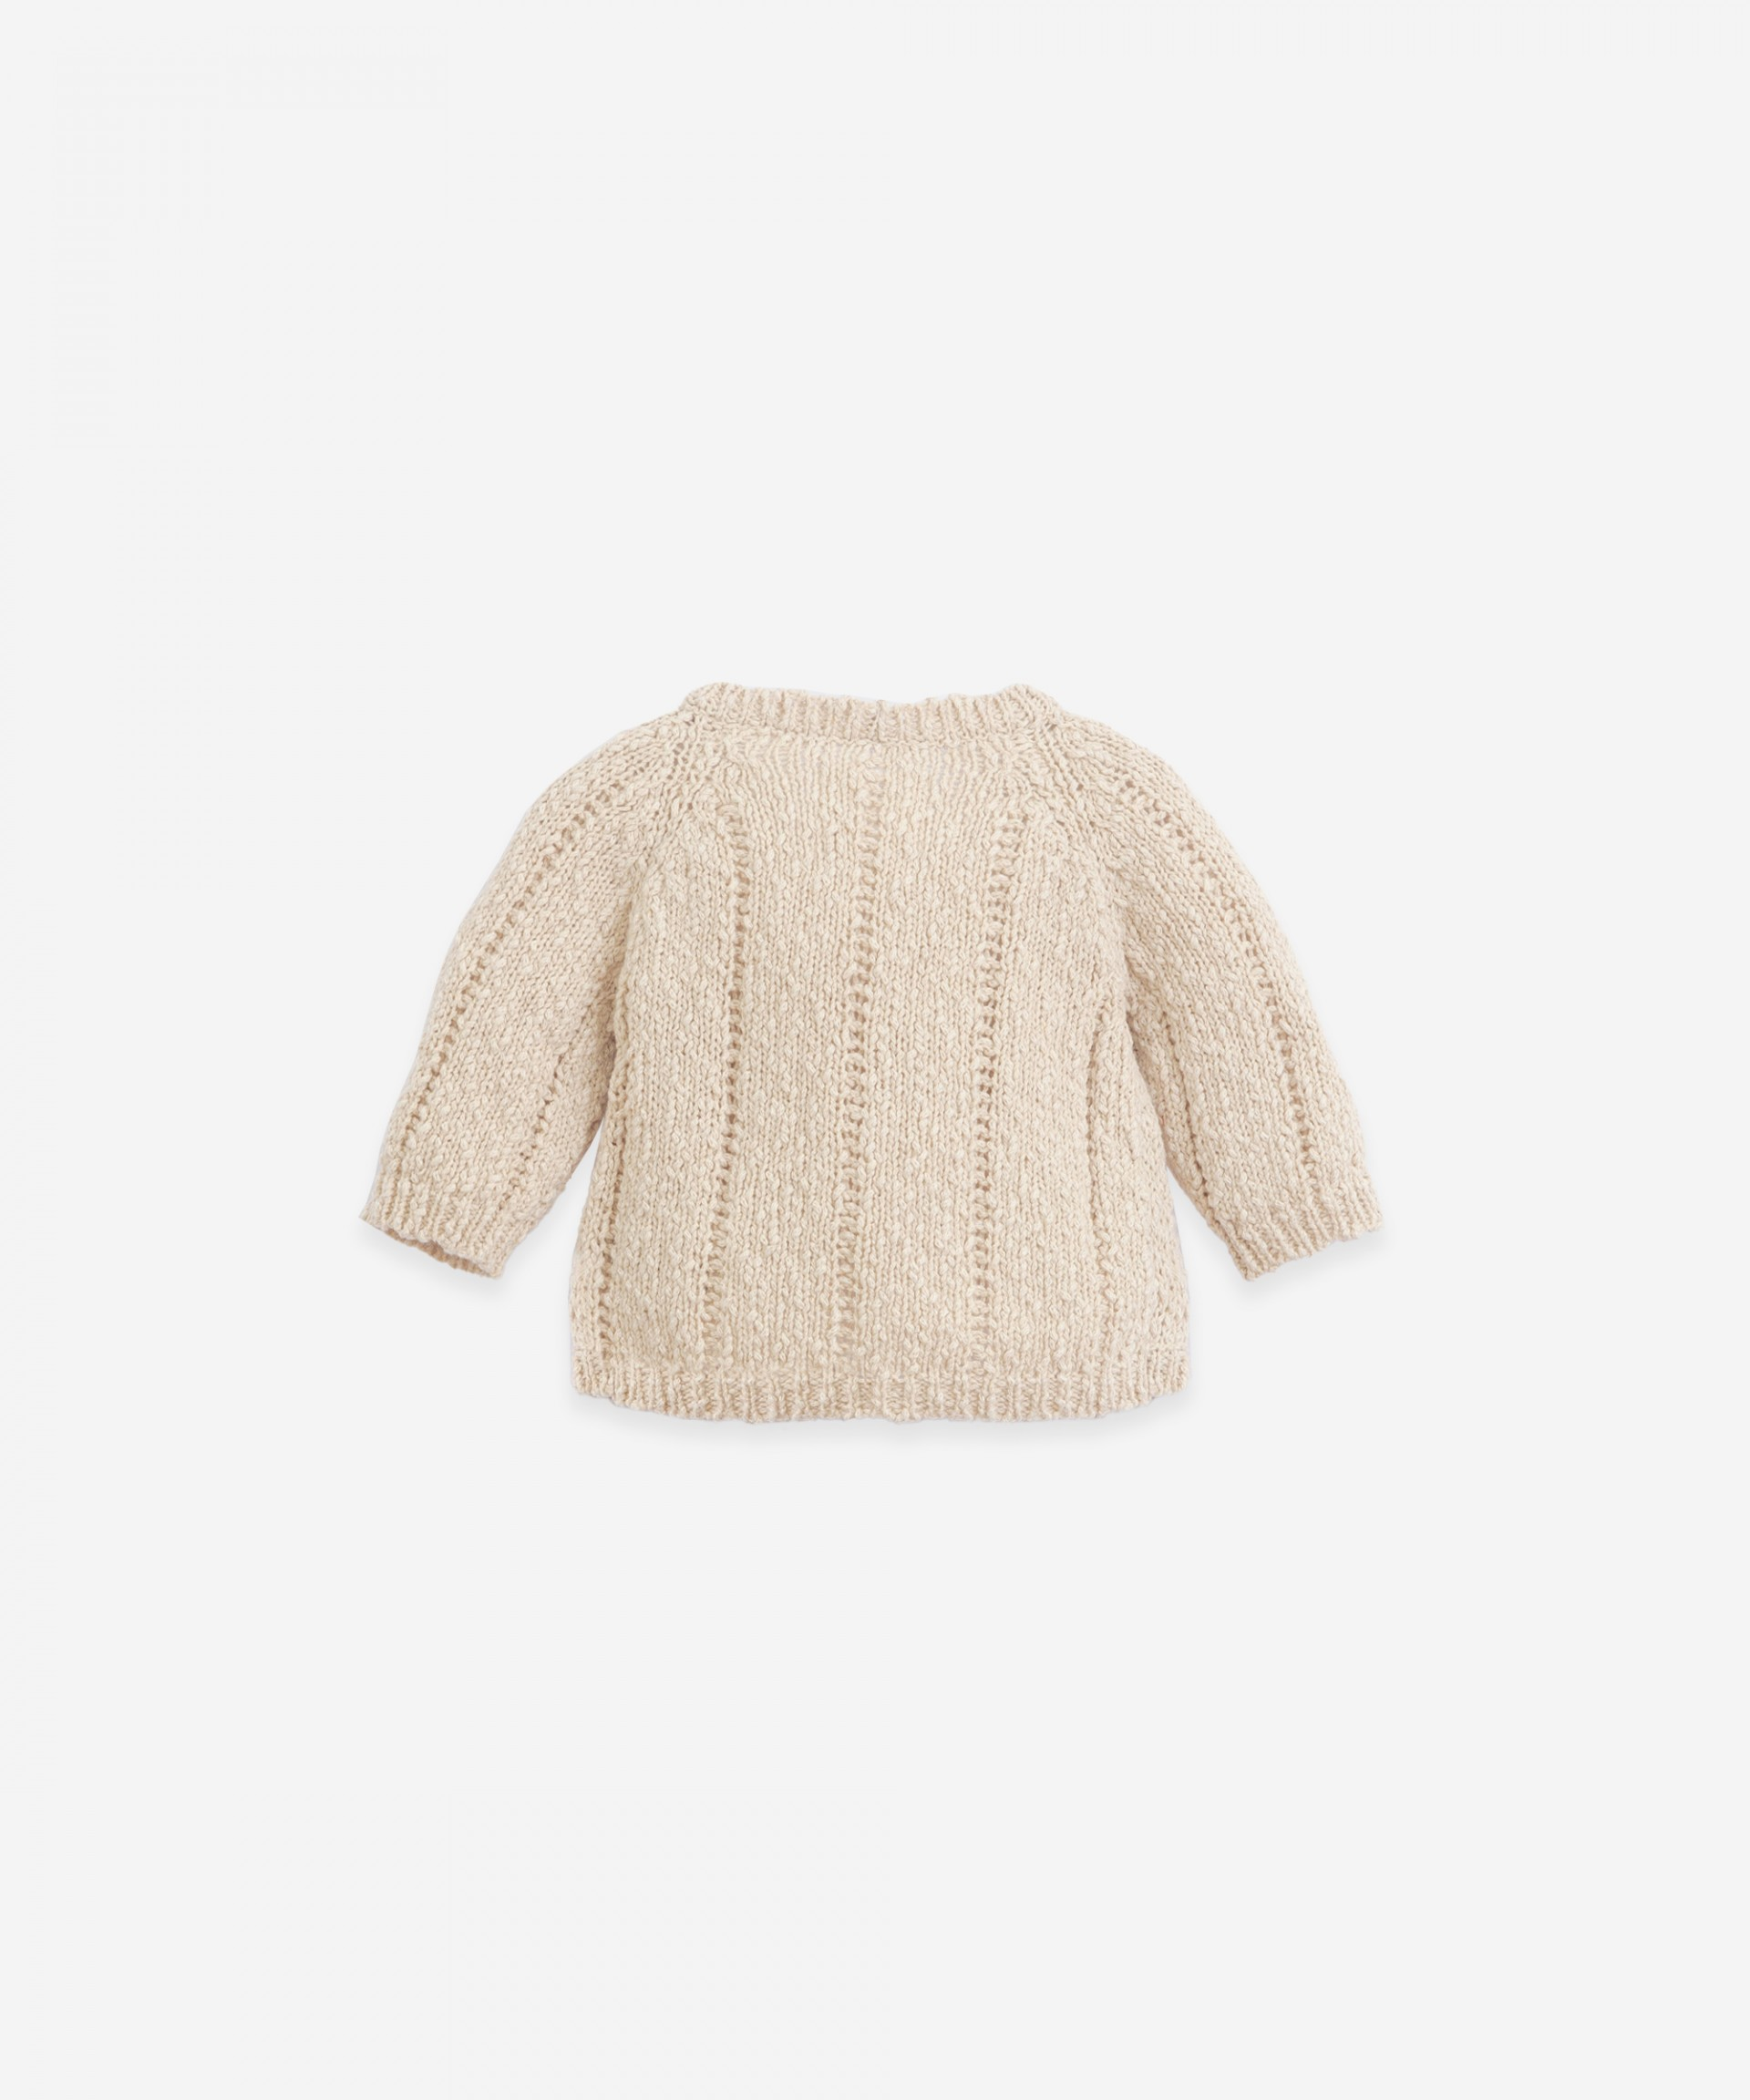 Golfino lavorato a maglia in cotone e lino | Botany